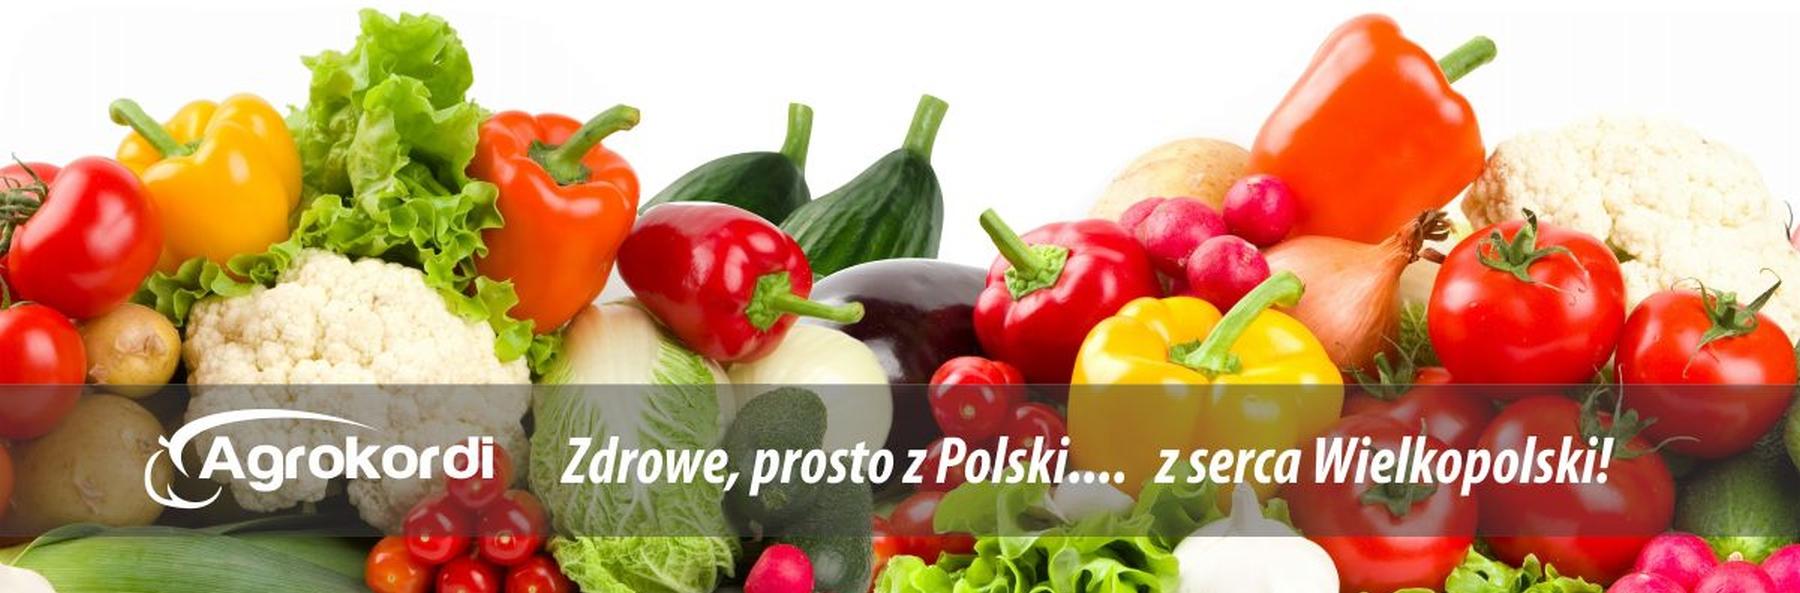 agrokordi-import-owocow-i-warzyw-